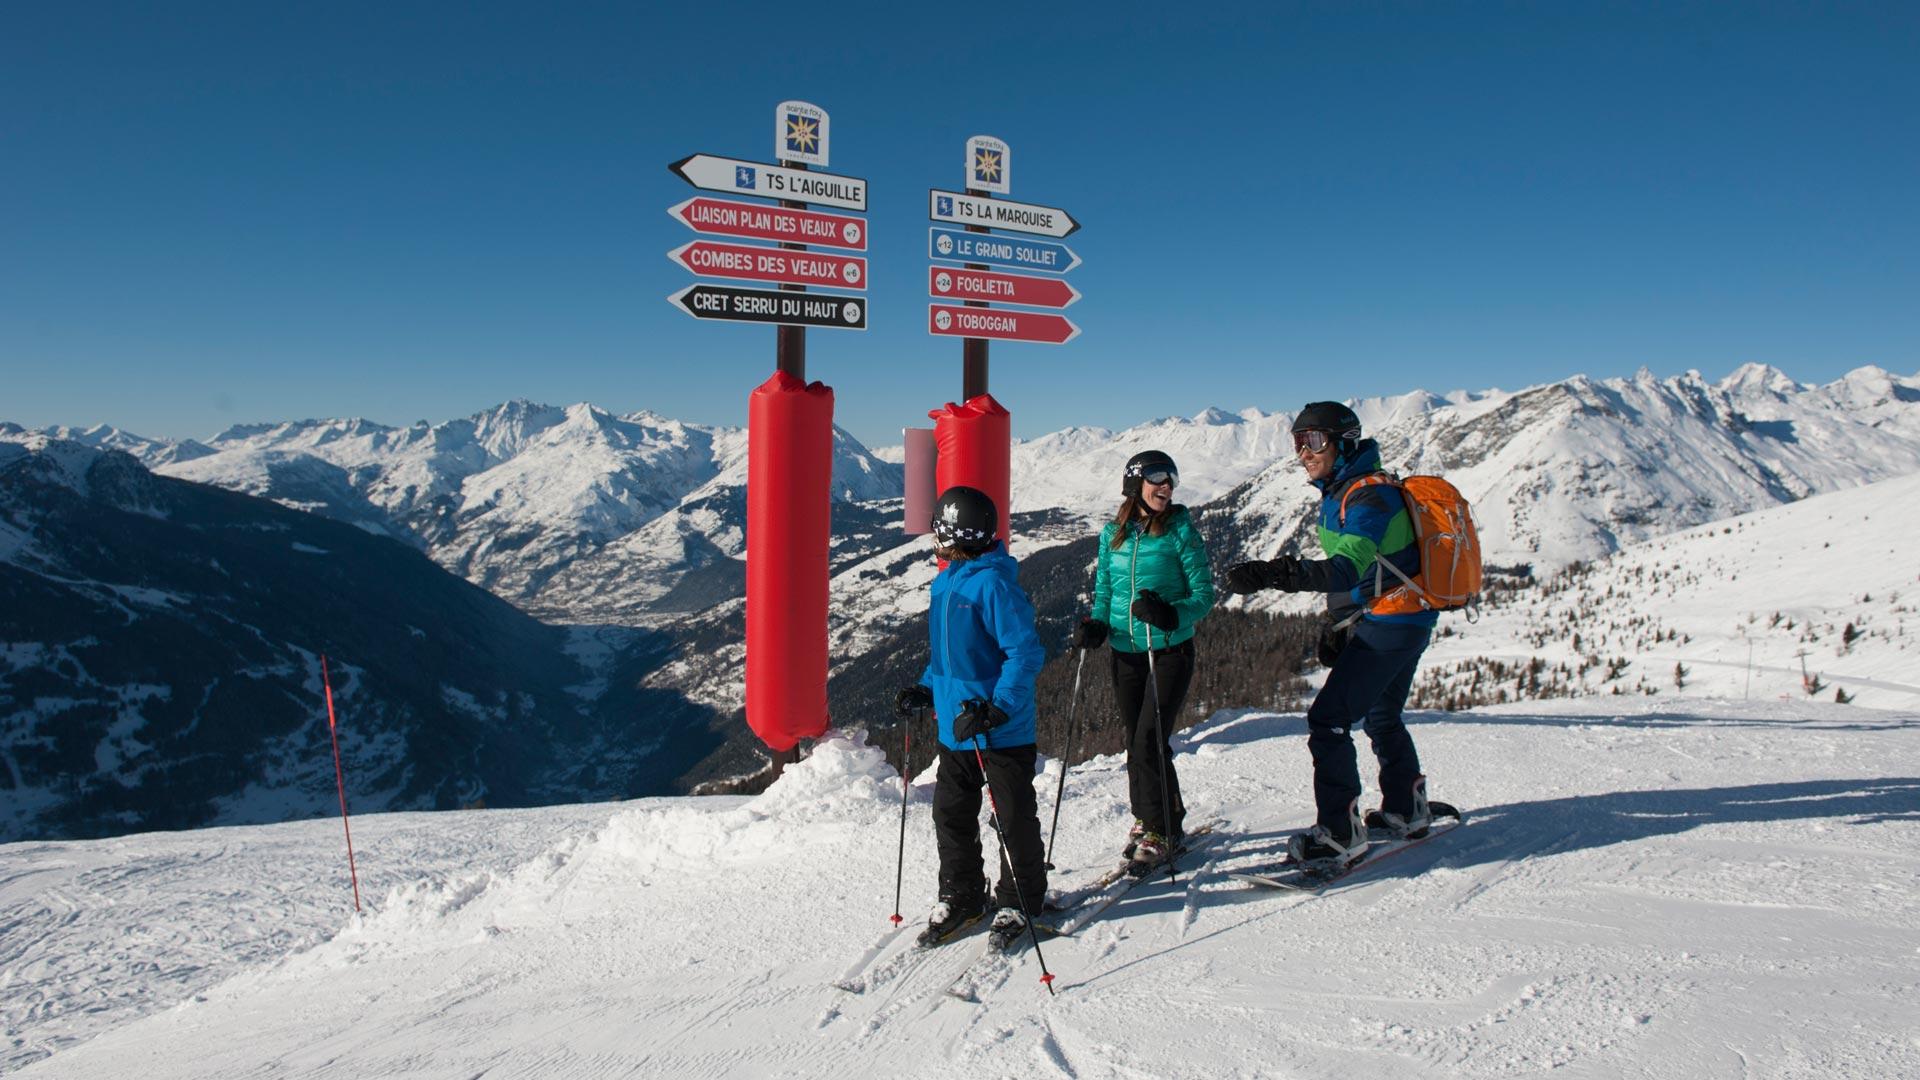 Ski Holiday in Sainte Foy Tarentaise, Premiere Neige